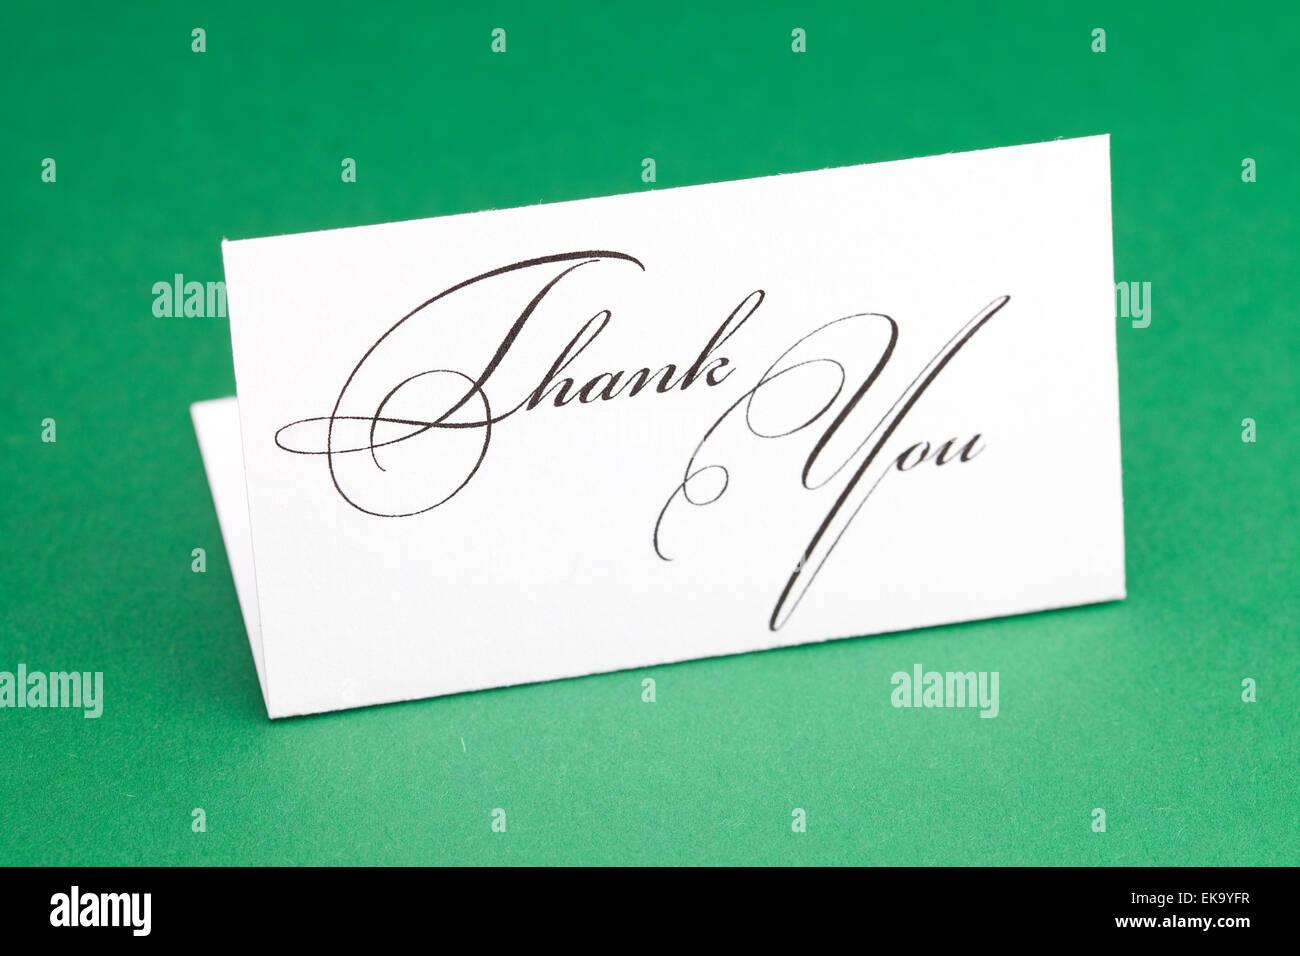 Karte unterschreiben danke auf grünem Hintergrund Stockfoto